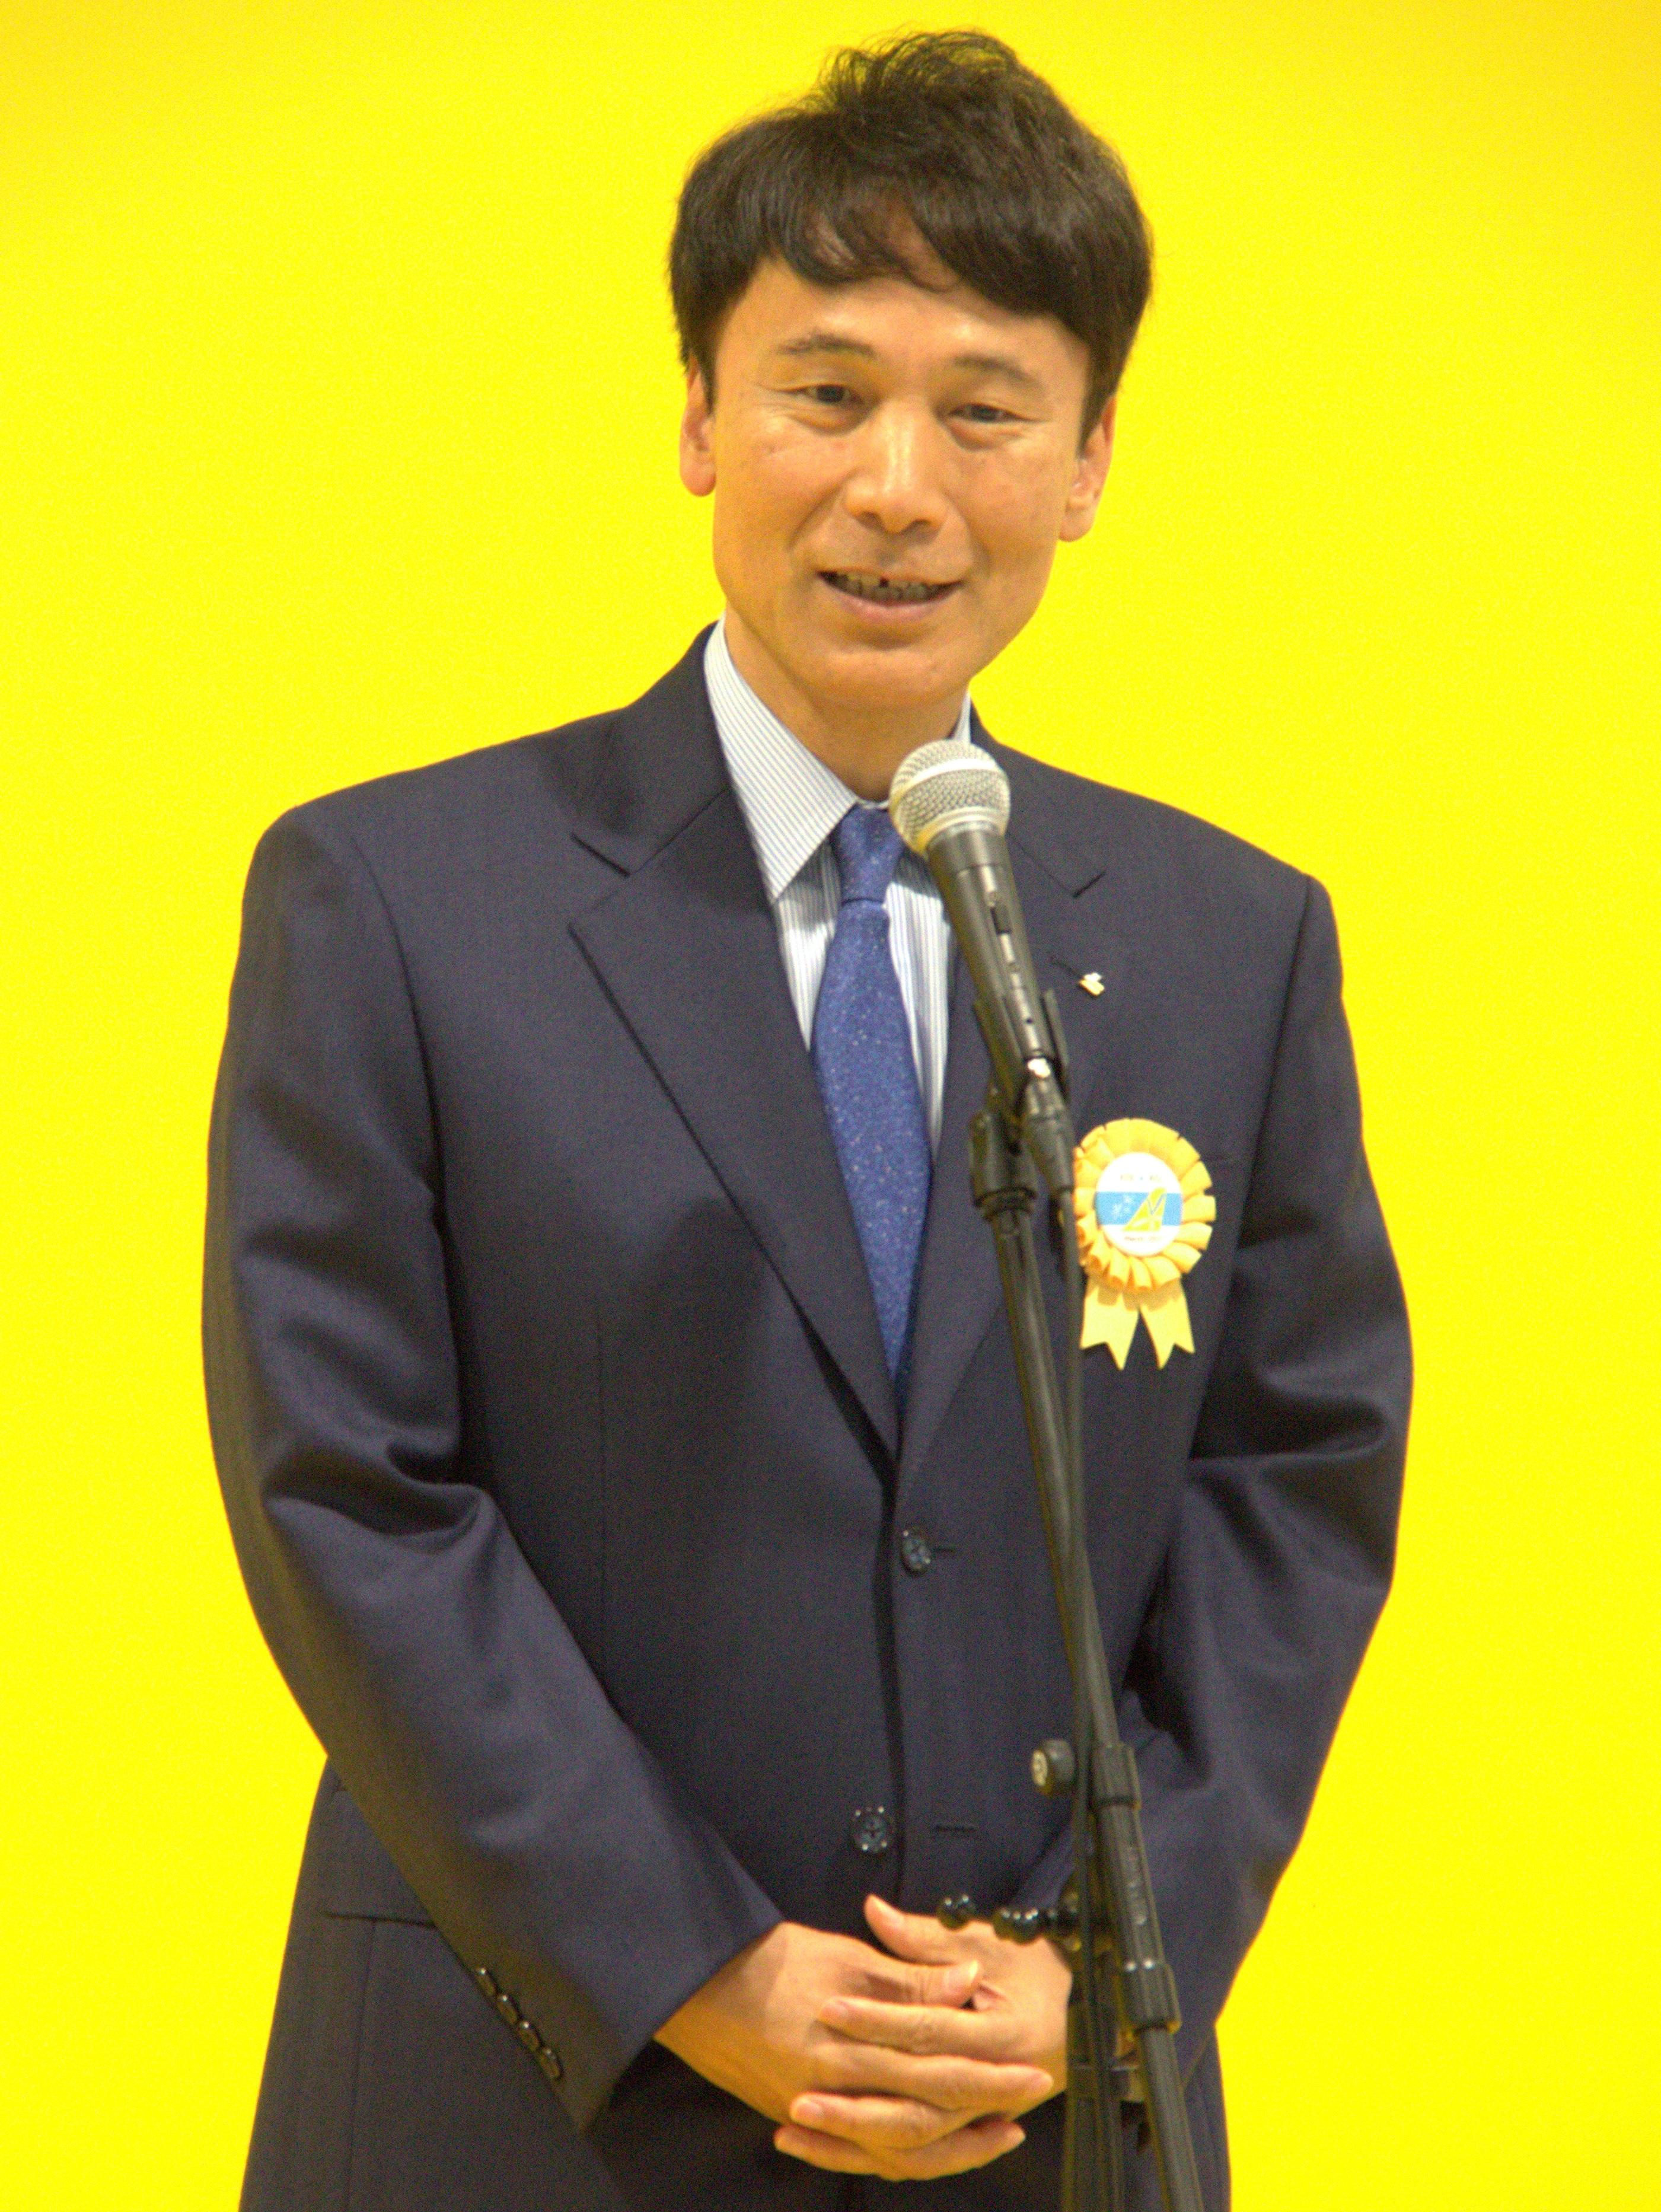 クオモ 知事 wiki